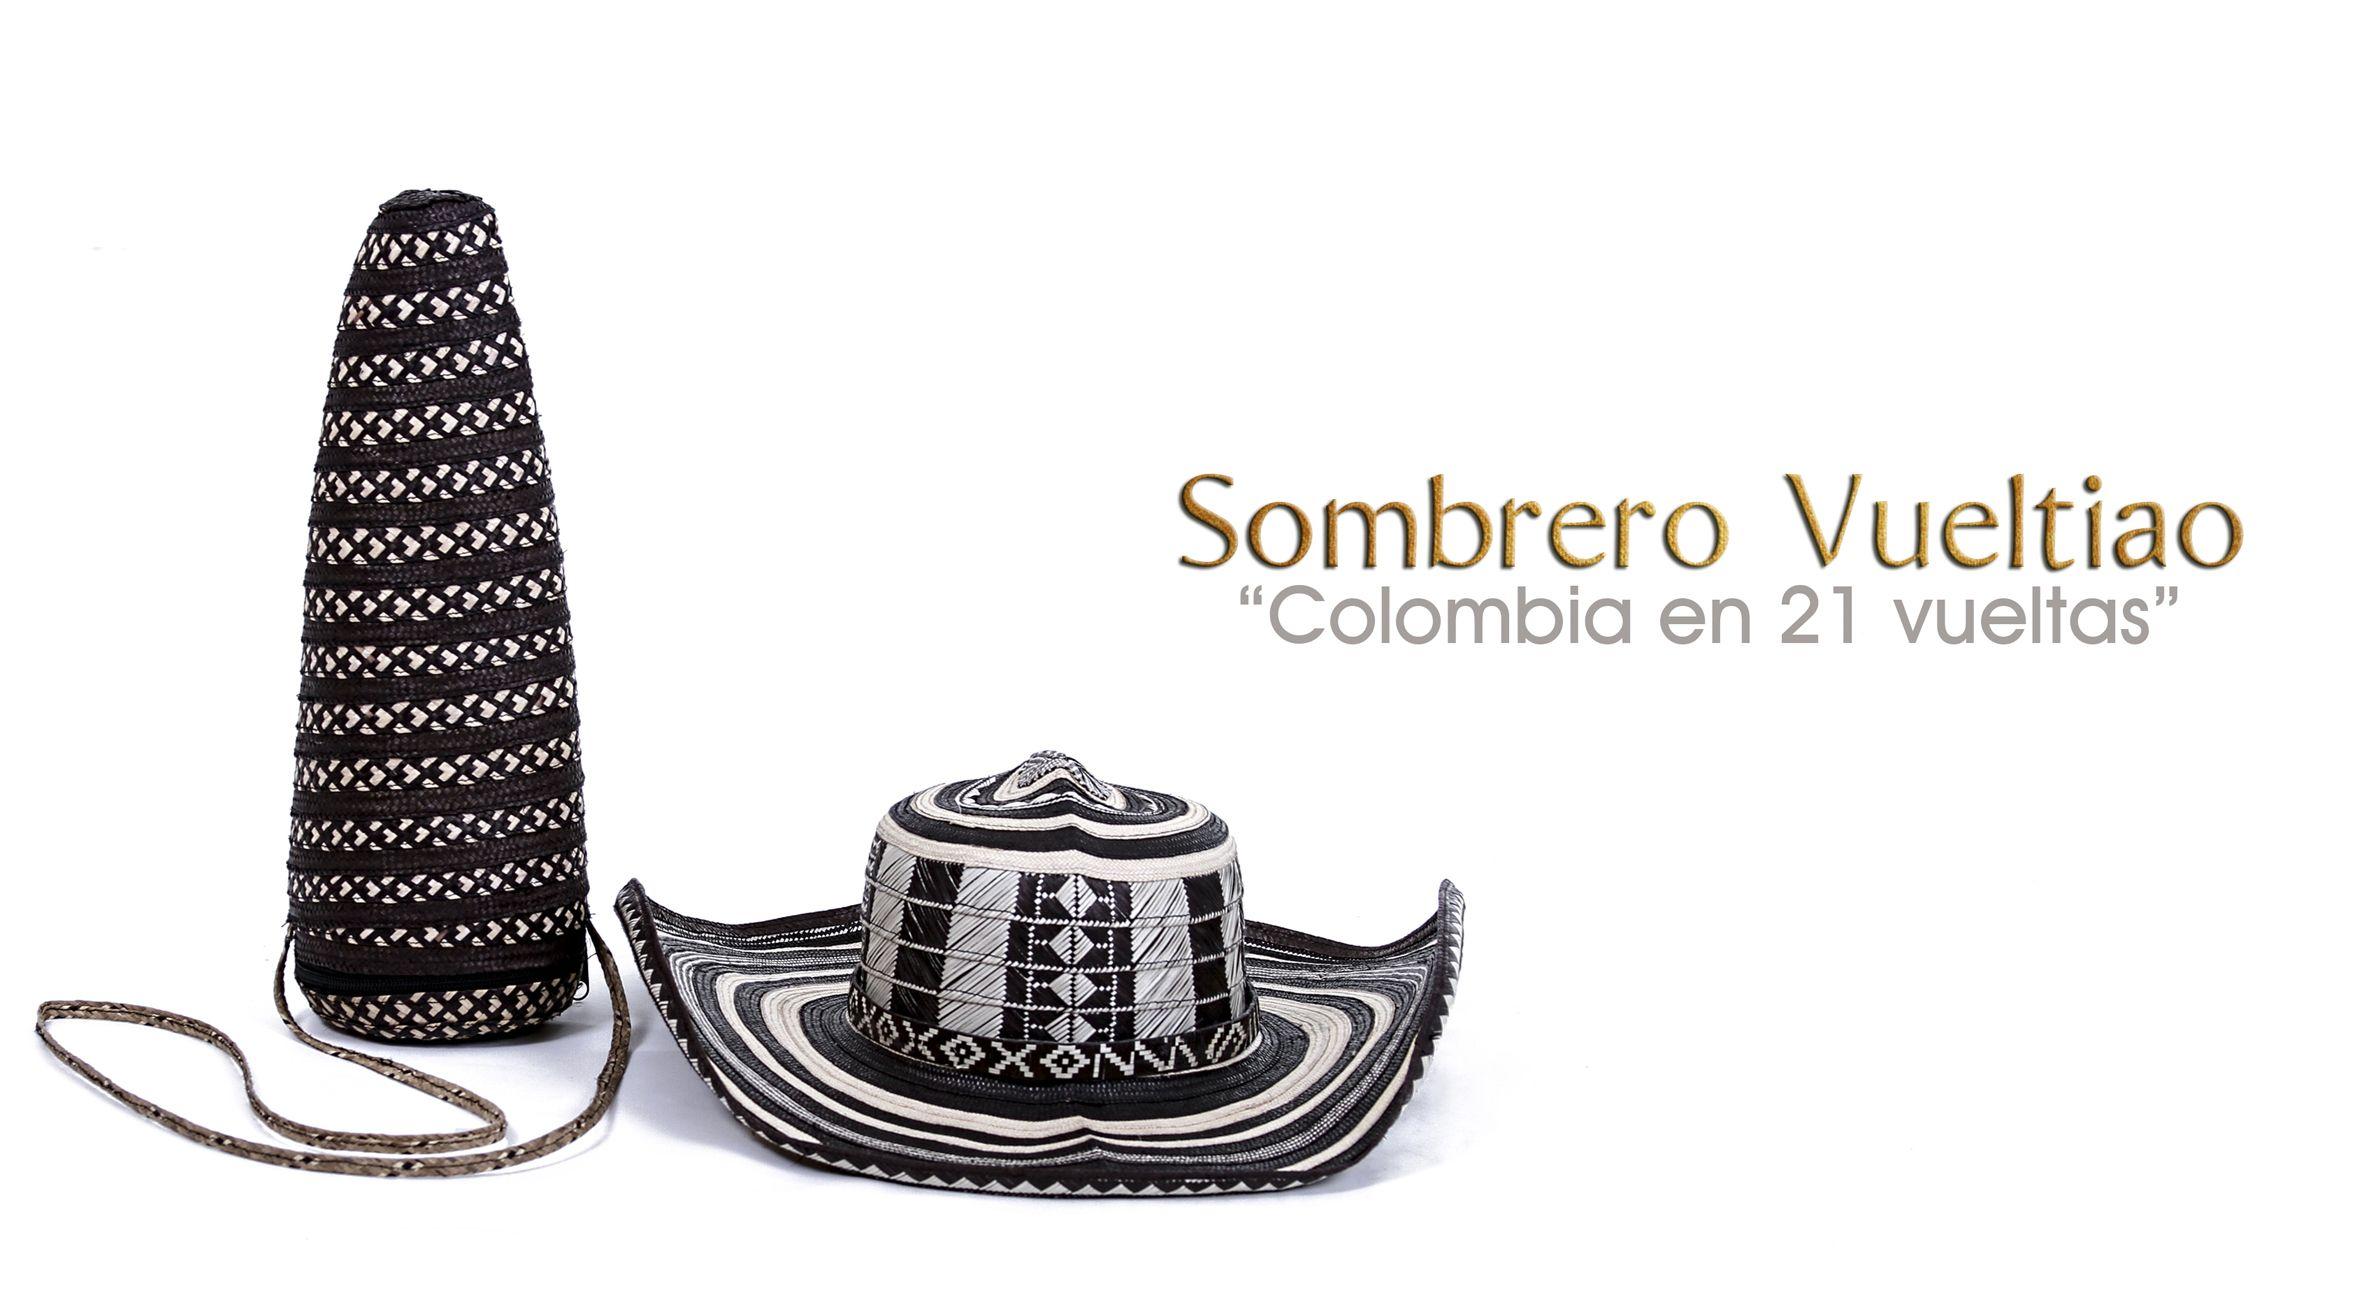 Sombrero Vueltiao, símbolo nacional colombiano. 15 Vuetas: US$ 49,50